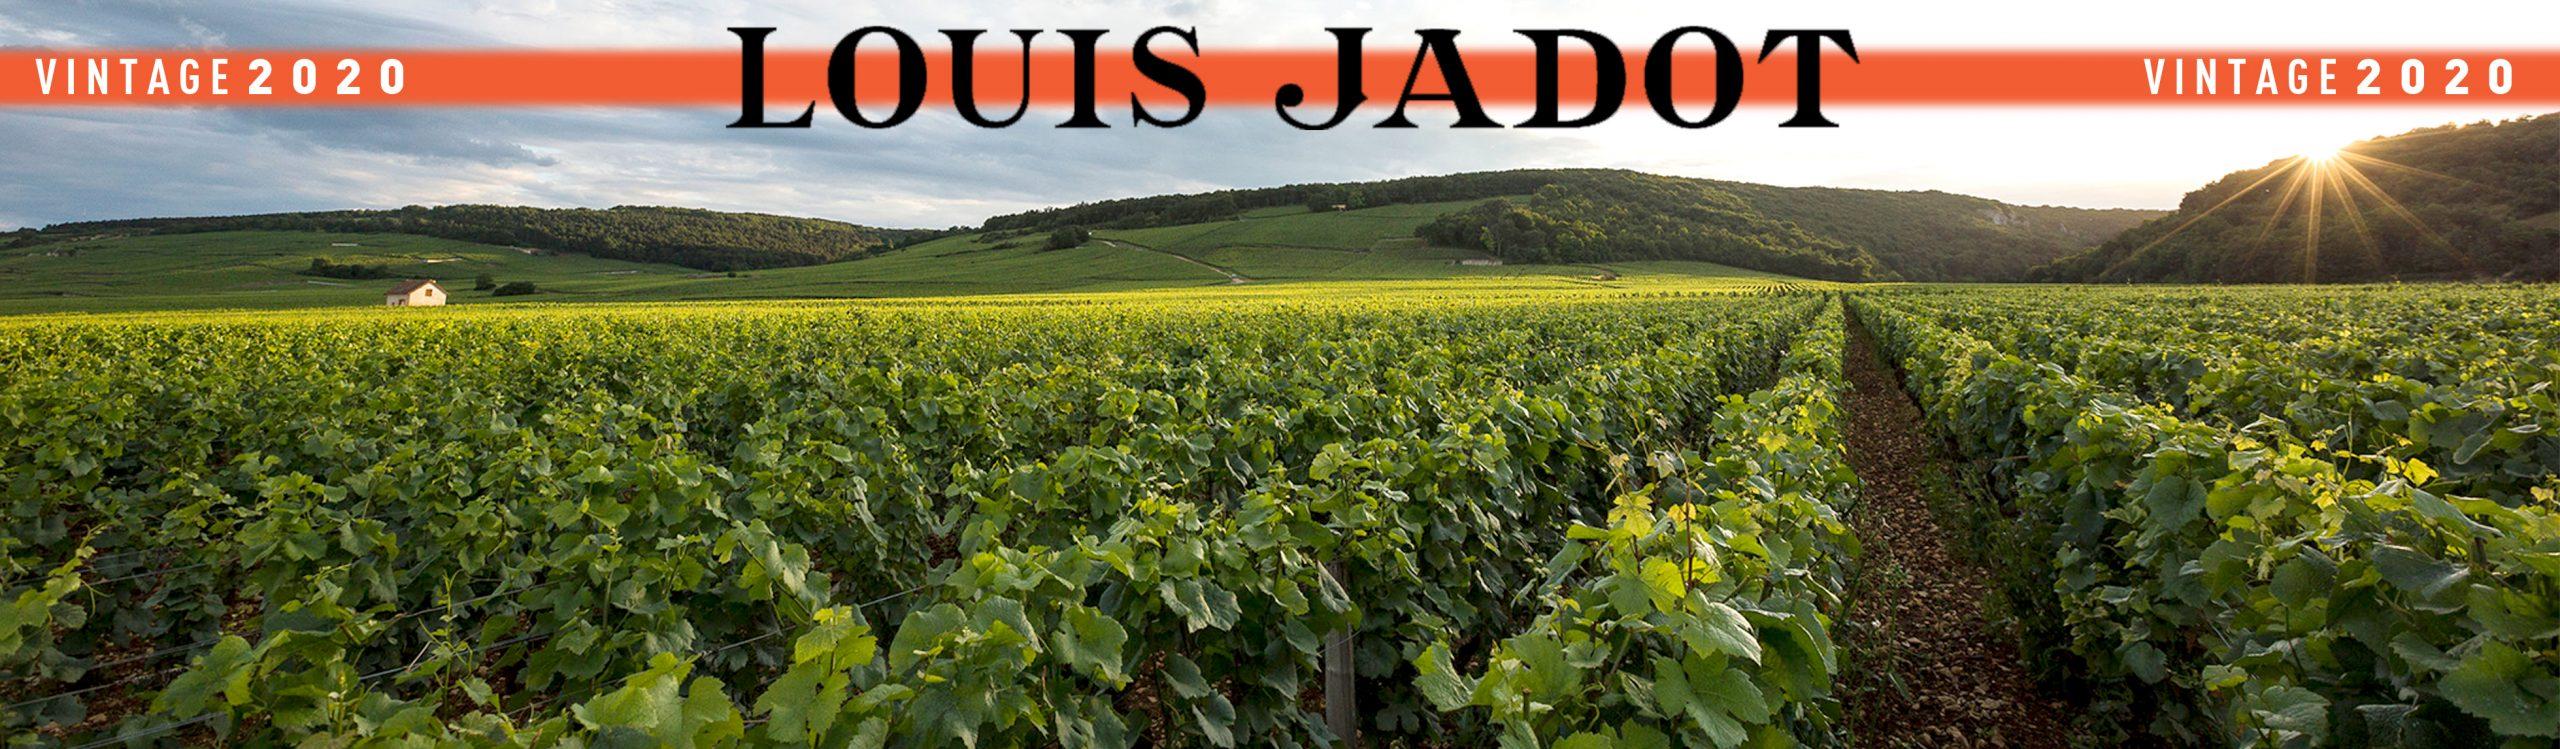 Louis Jadot 2020: Alle ingrediënten voor een onvergetelijke vintage!